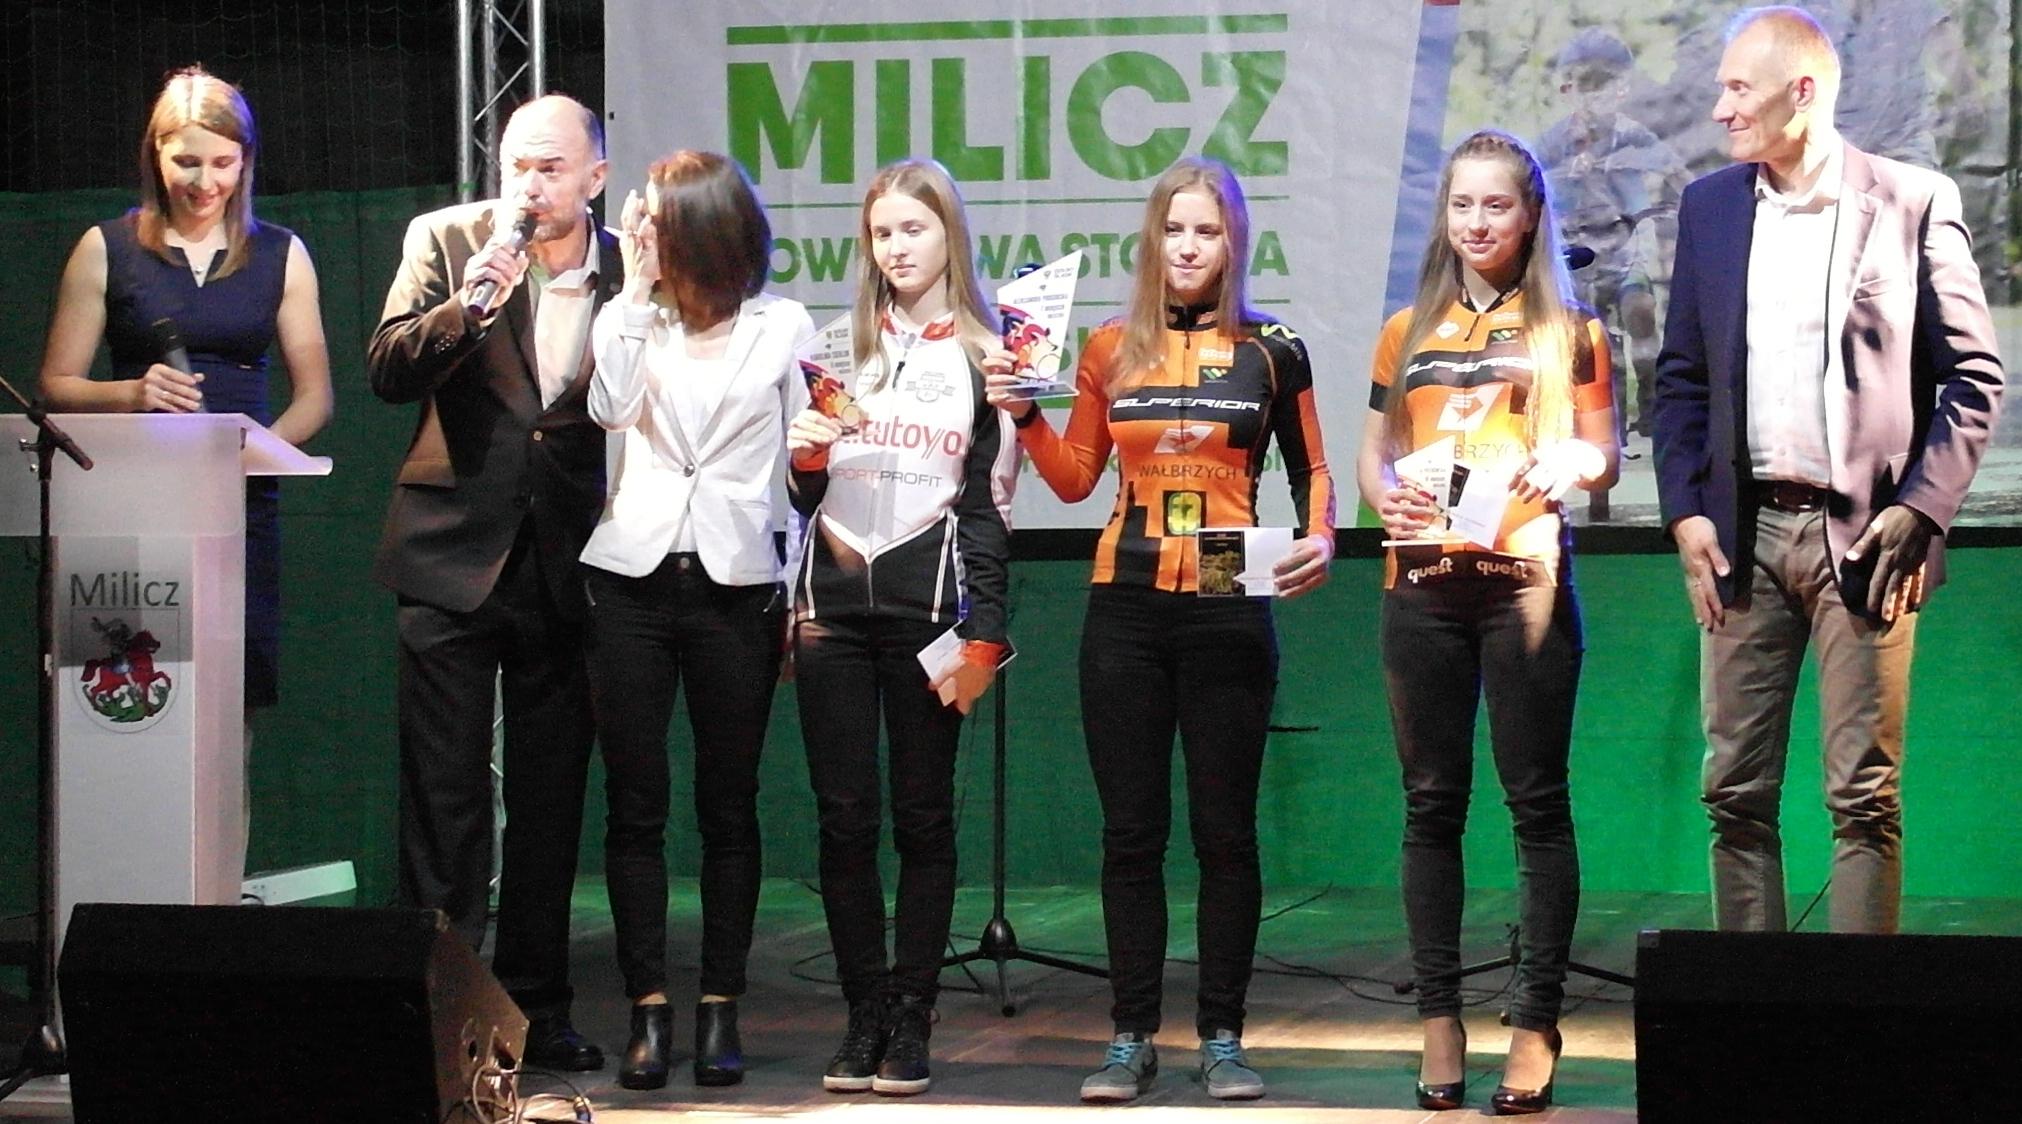 Karolina Cierluk 2. miejsce orliczka - w jej imieniu nagrodę odbiera Hania